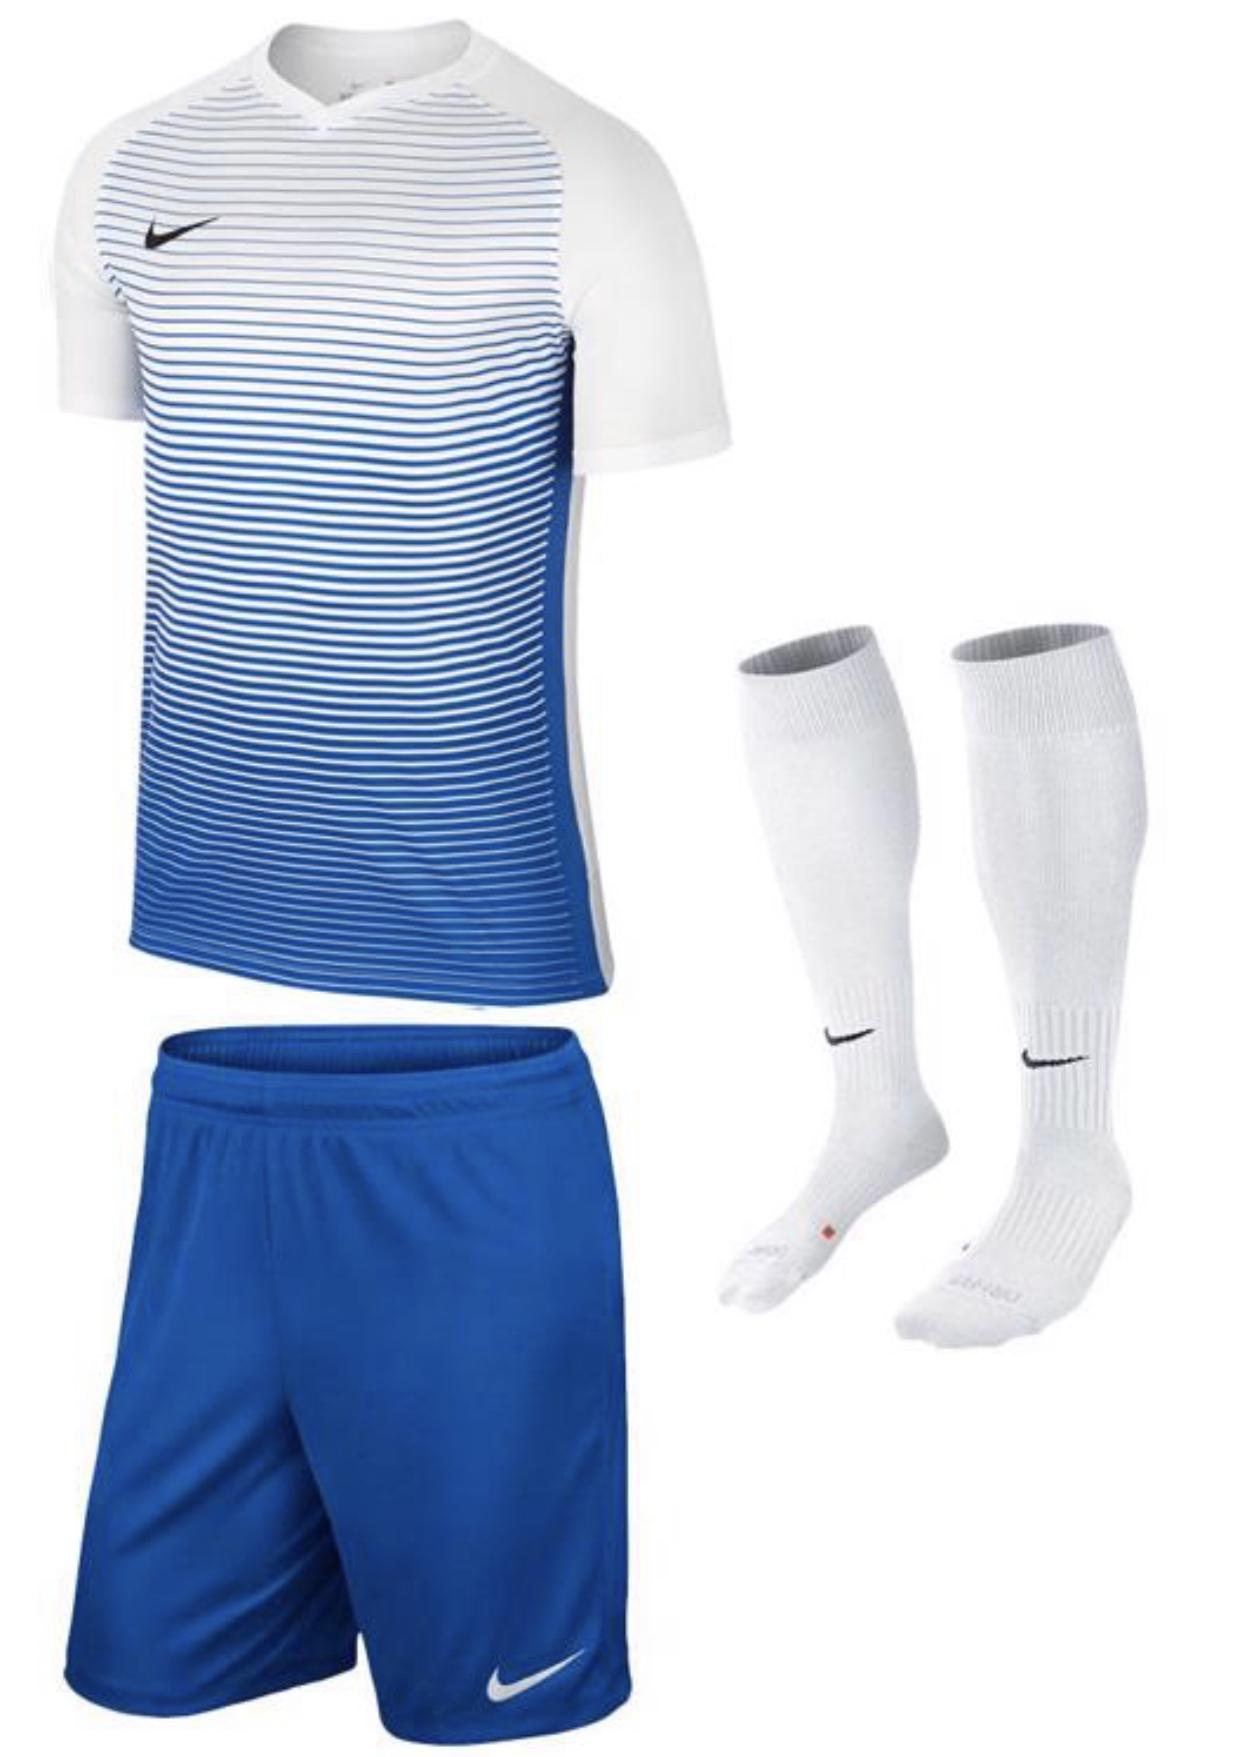 Nike Dressenset Precision in 6 Farbvarianten und GRATIS Flock für 29,95€